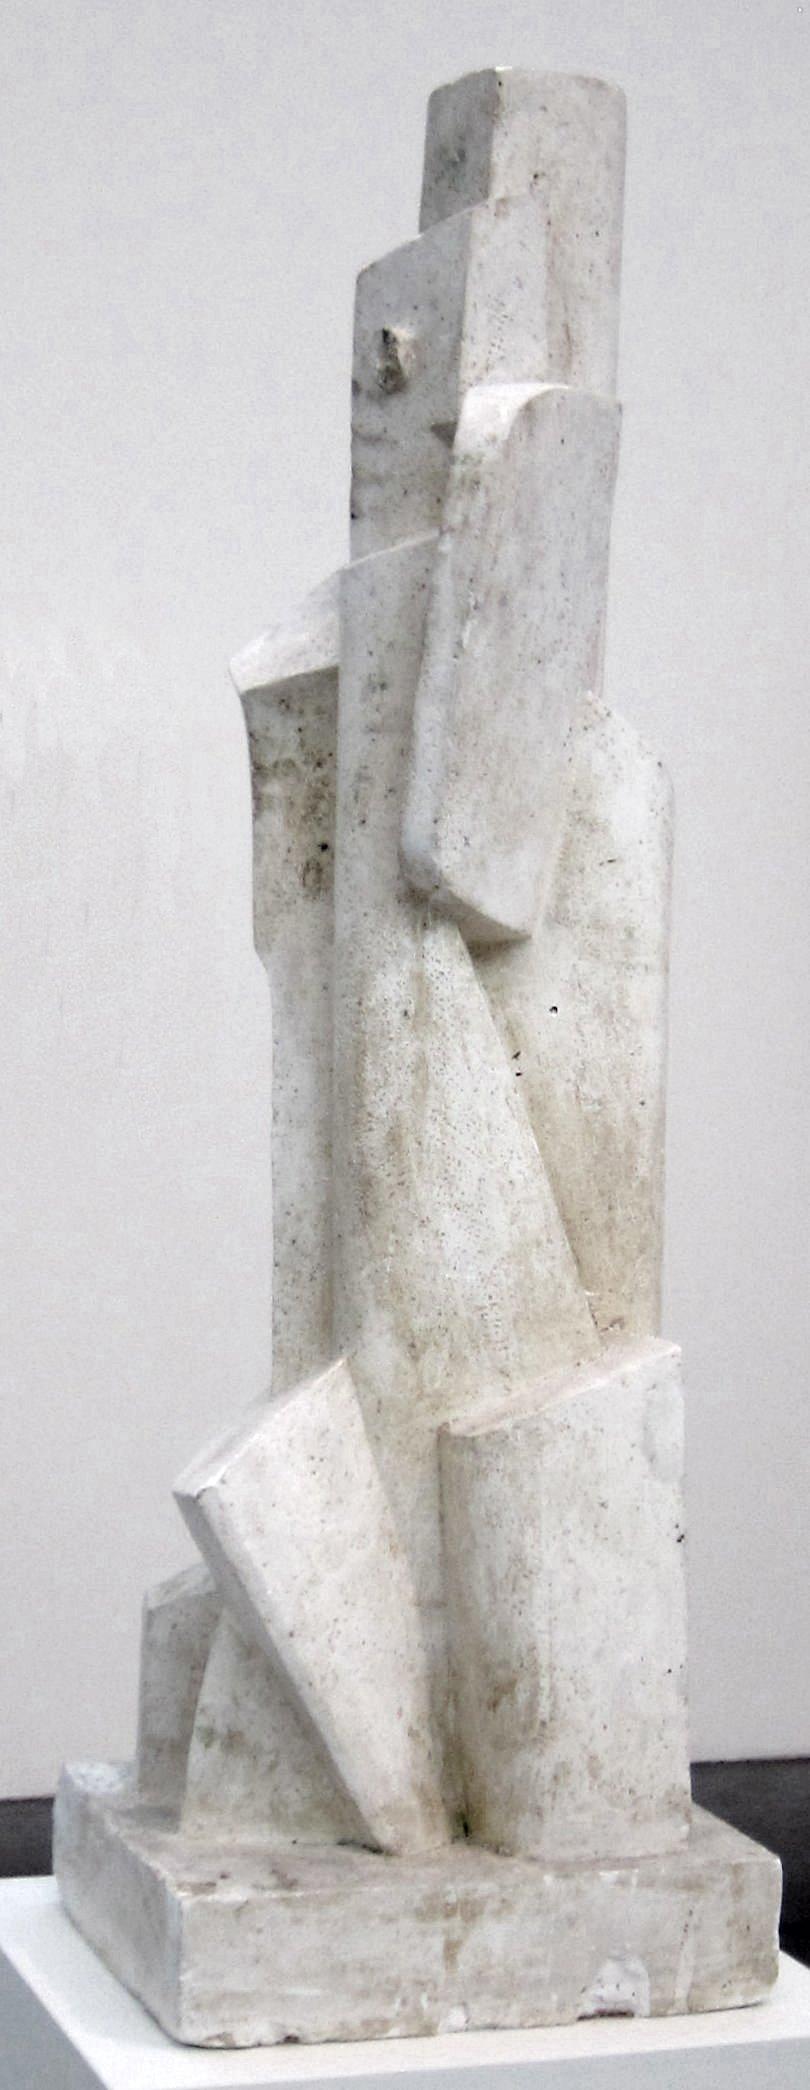 Cubist Sculpture Wikipedia